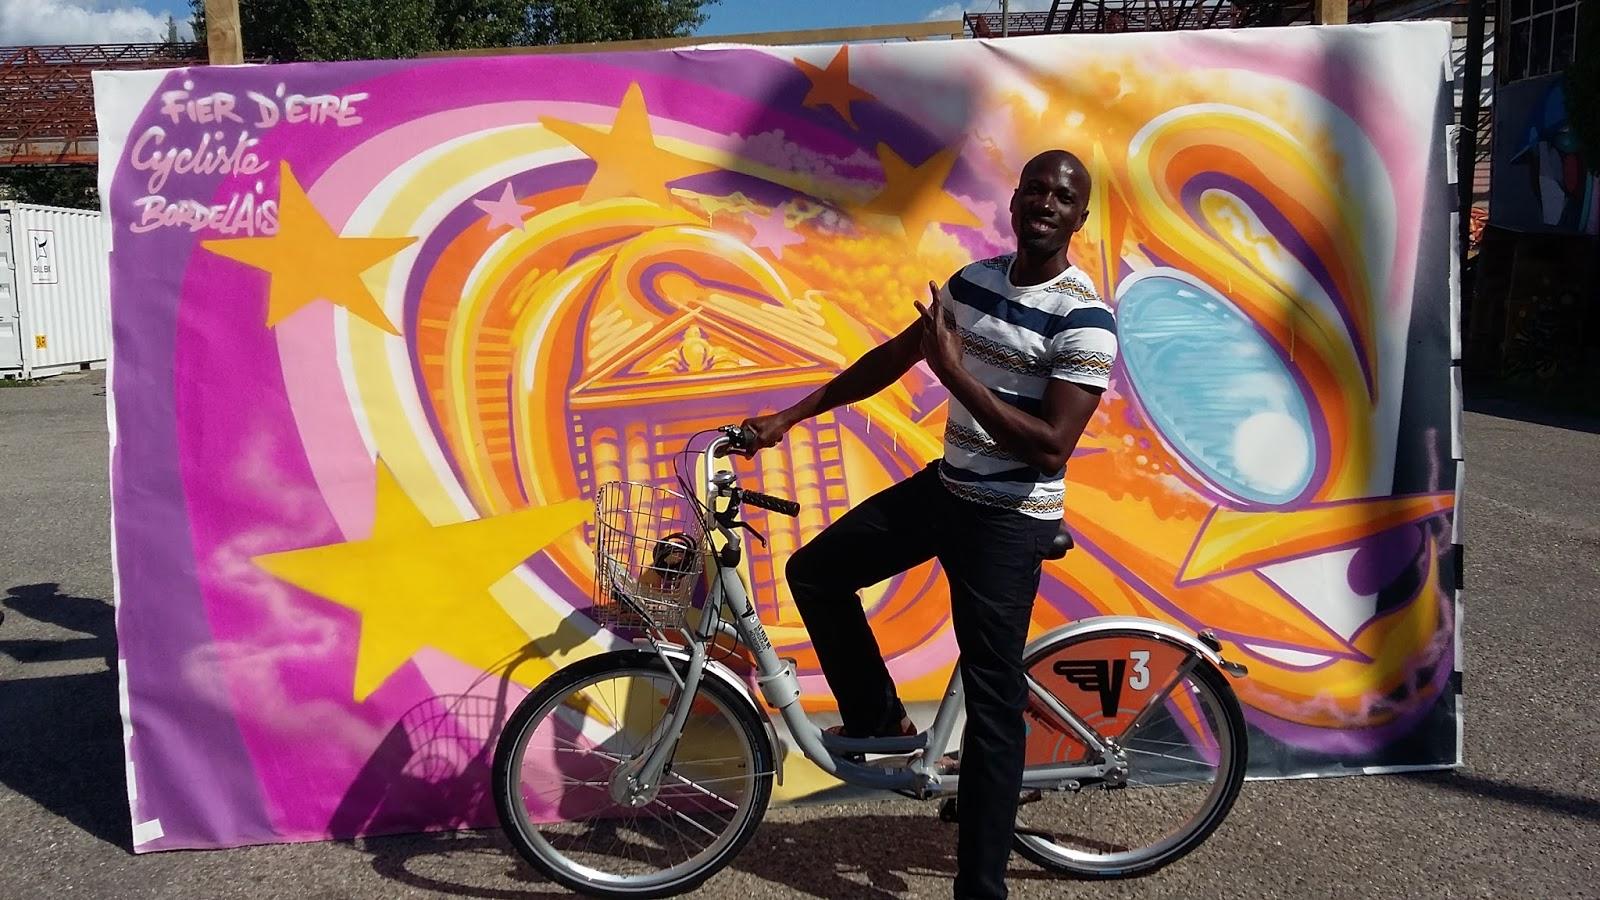 bordeaux cycle chic fier d 39 tre cycliste bordelais. Black Bedroom Furniture Sets. Home Design Ideas